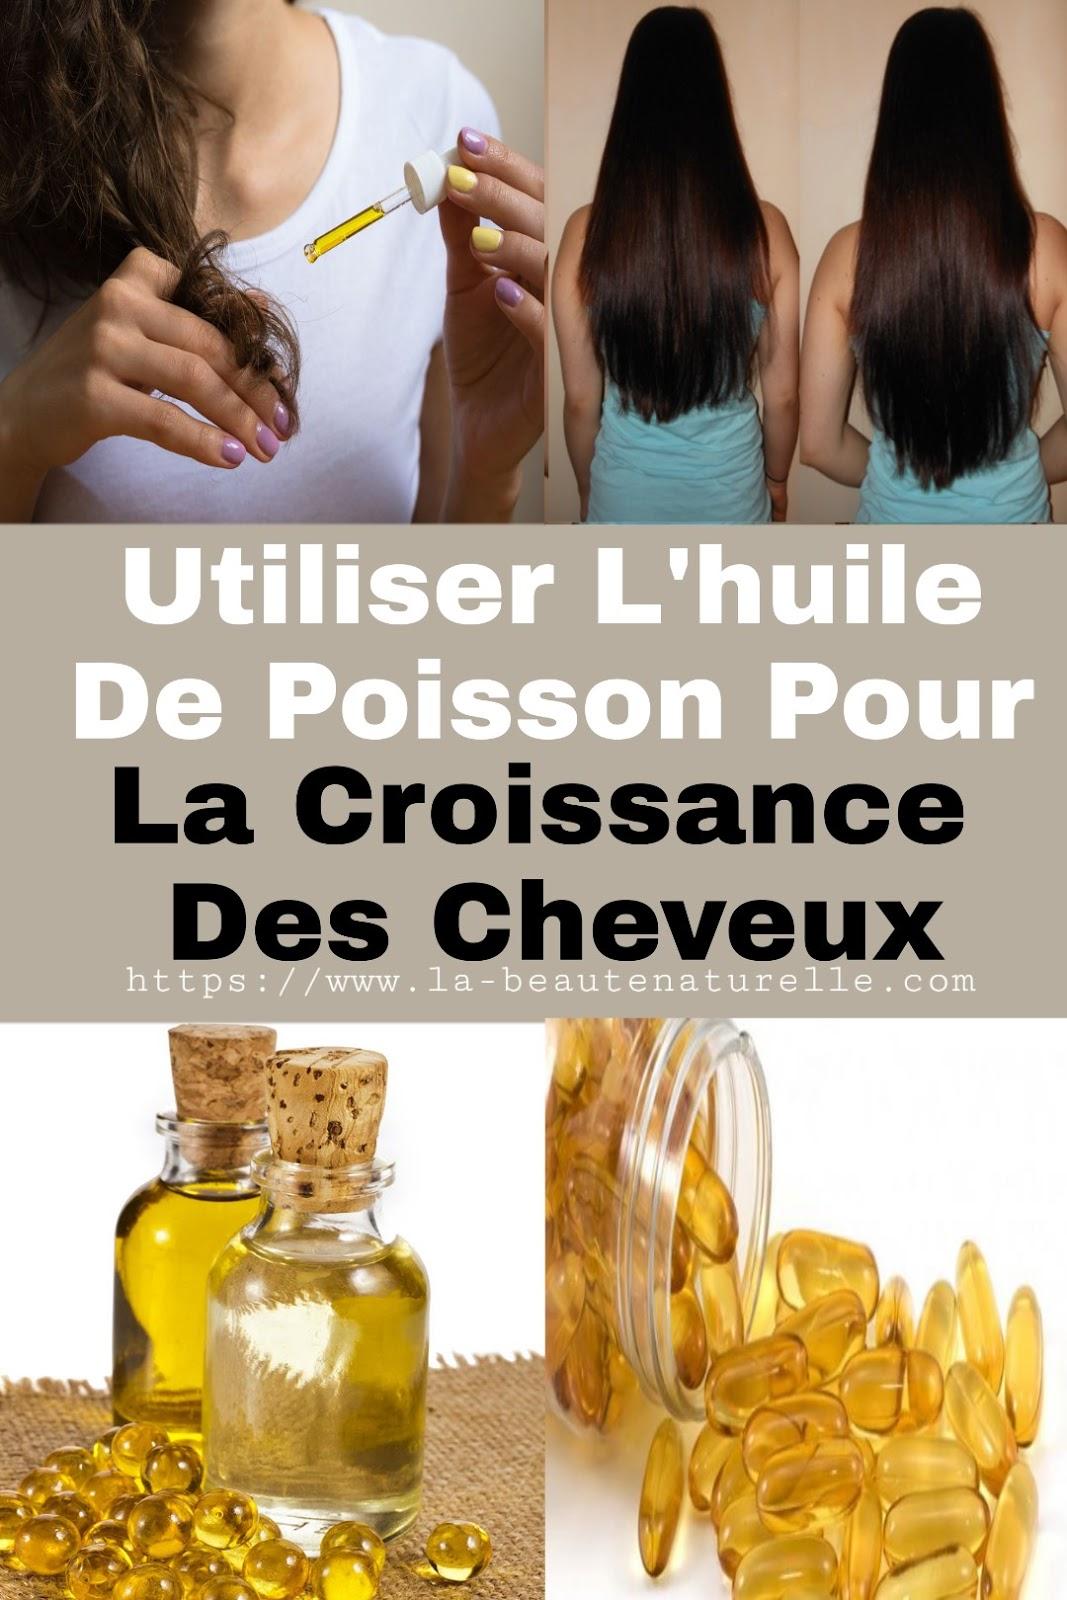 Utiliser L'huile De Poisson Pour La Croissance Des Cheveux